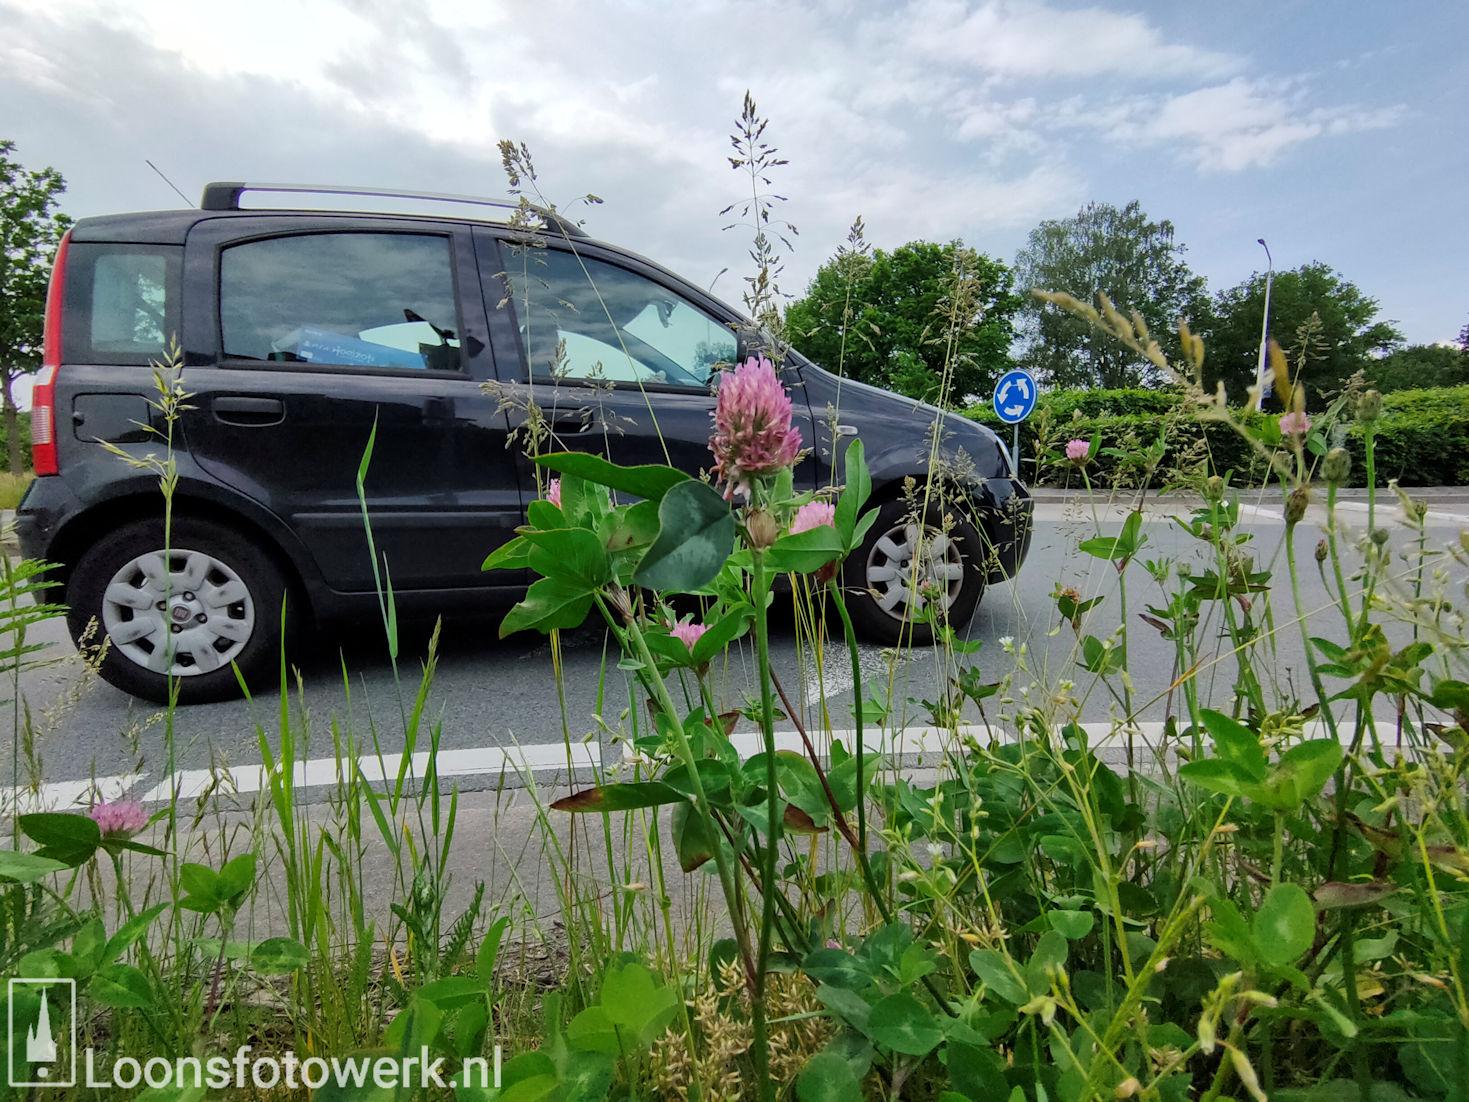 Rotonde Kasteellaan – Kasteelhoevenweg, juni 6